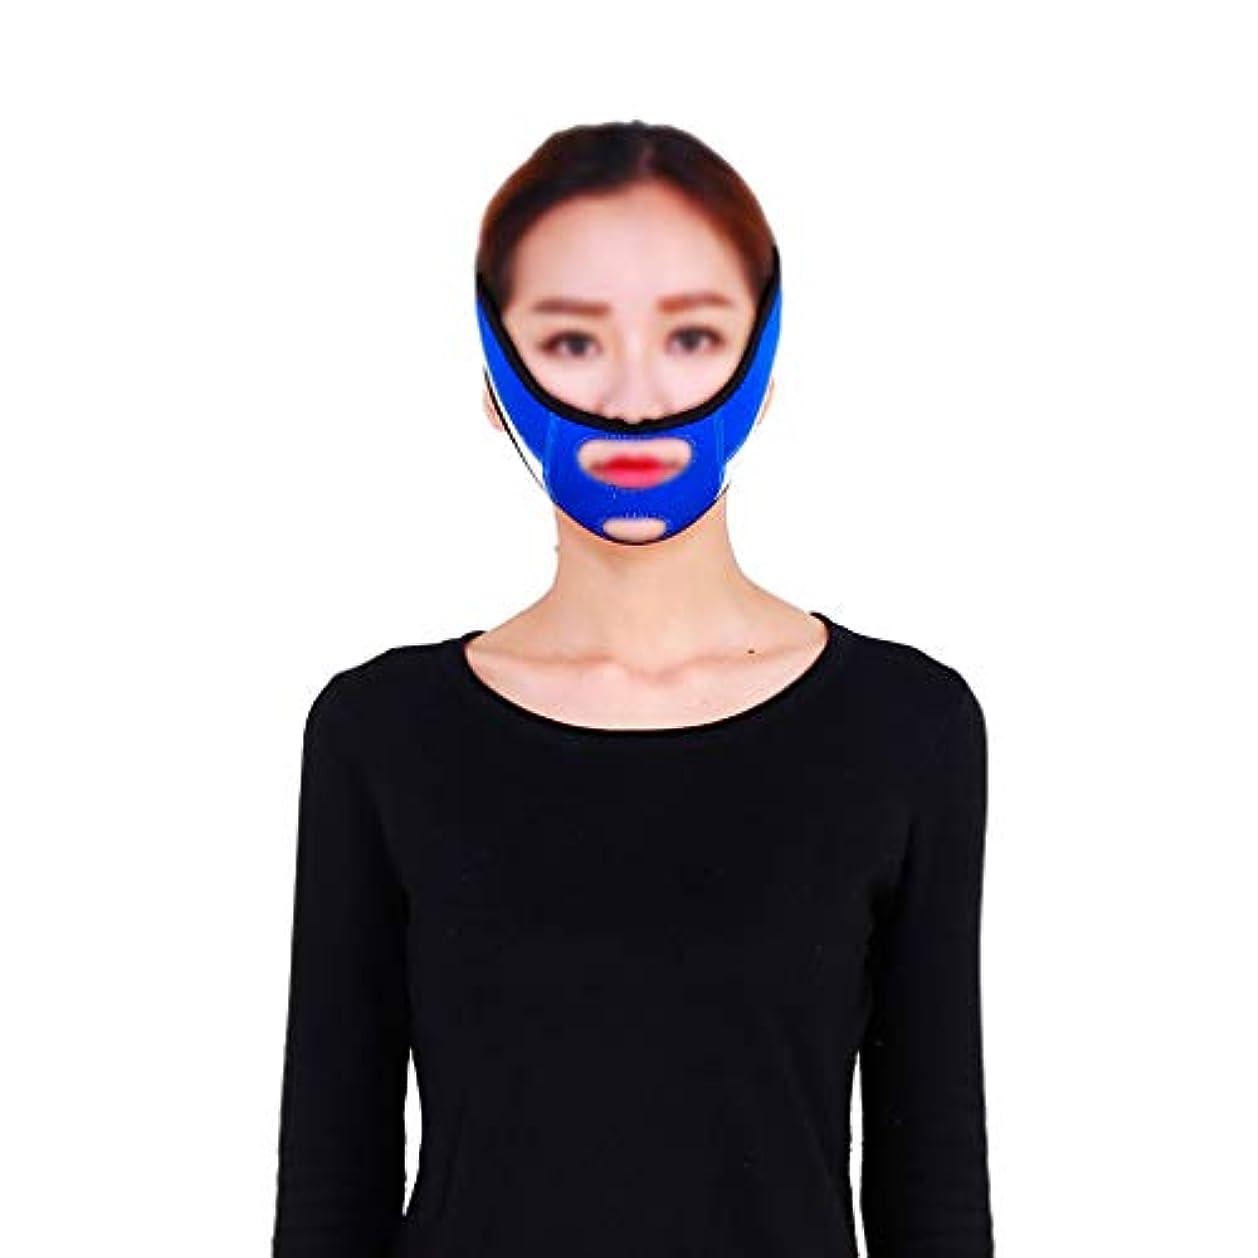 バースどれかシーンXHLMRMJ 引き締めフェイスマスク、たるみ肌を強化する滑り止め弾性伸縮性包帯を強化するために口を調整するための小さなV顔アーティファクトリフティングマスク